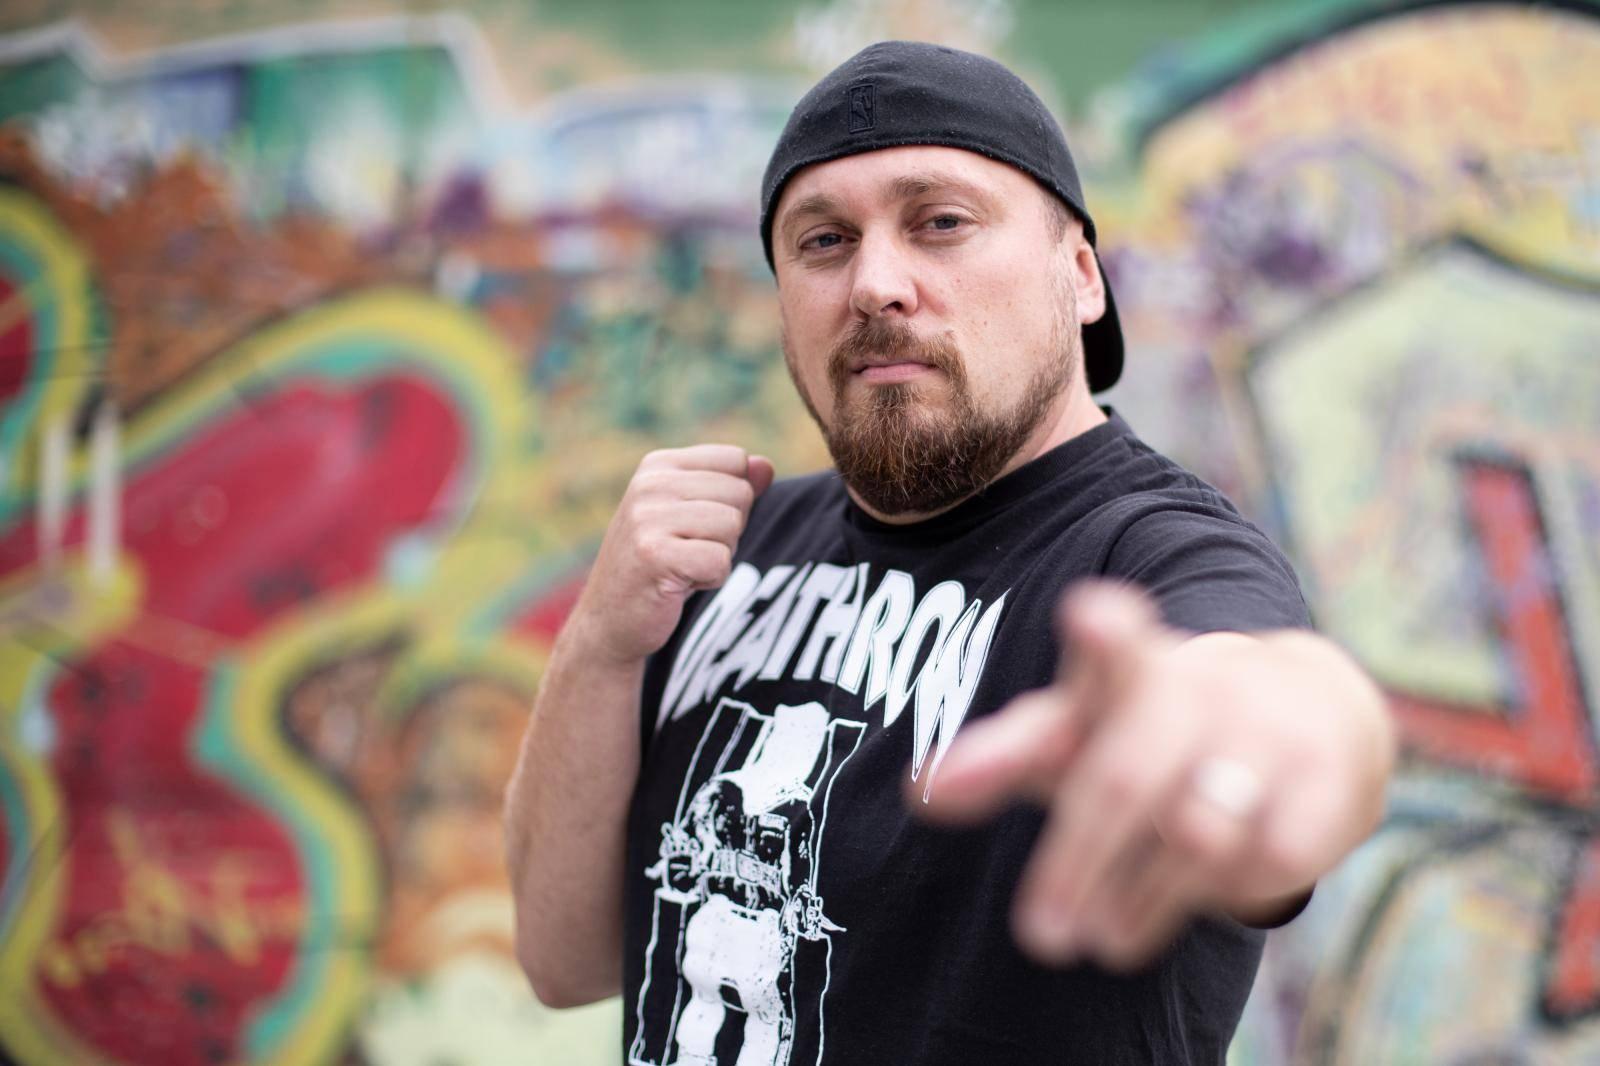 Nered o glazbi i obitelji: 'Svoje sam klince navukao na hip hop'